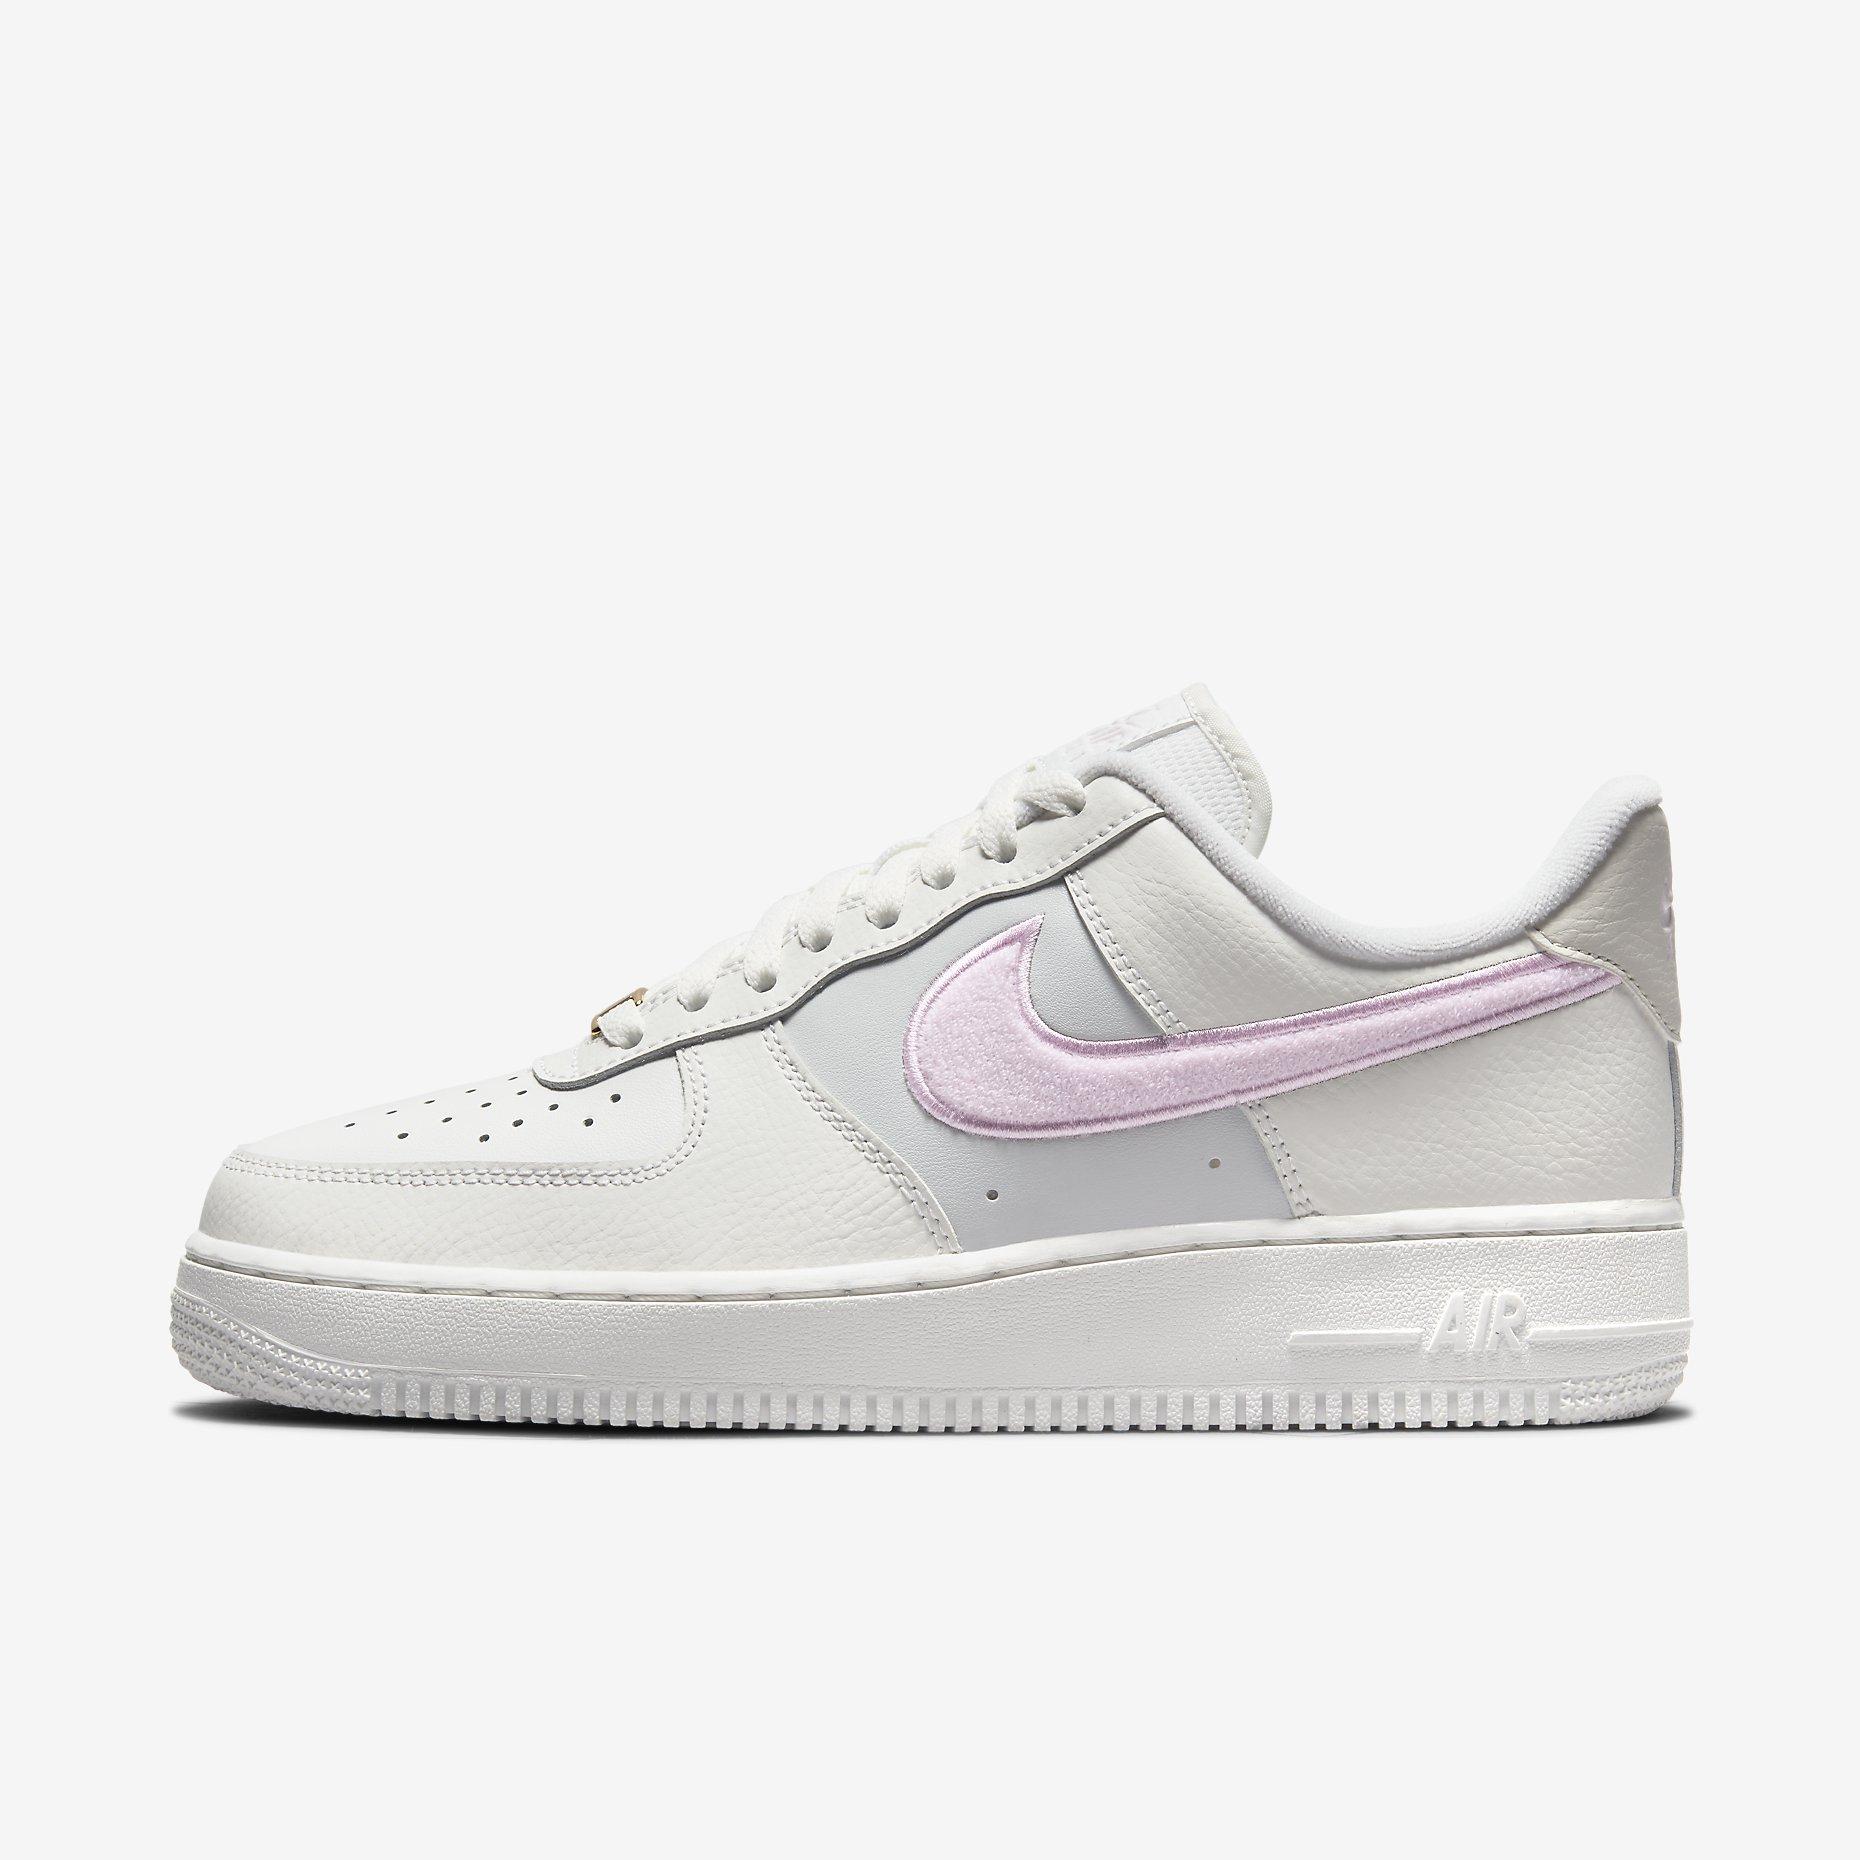 Women's Nike Air Force 1 '07 'Summit White/Regal Pink'